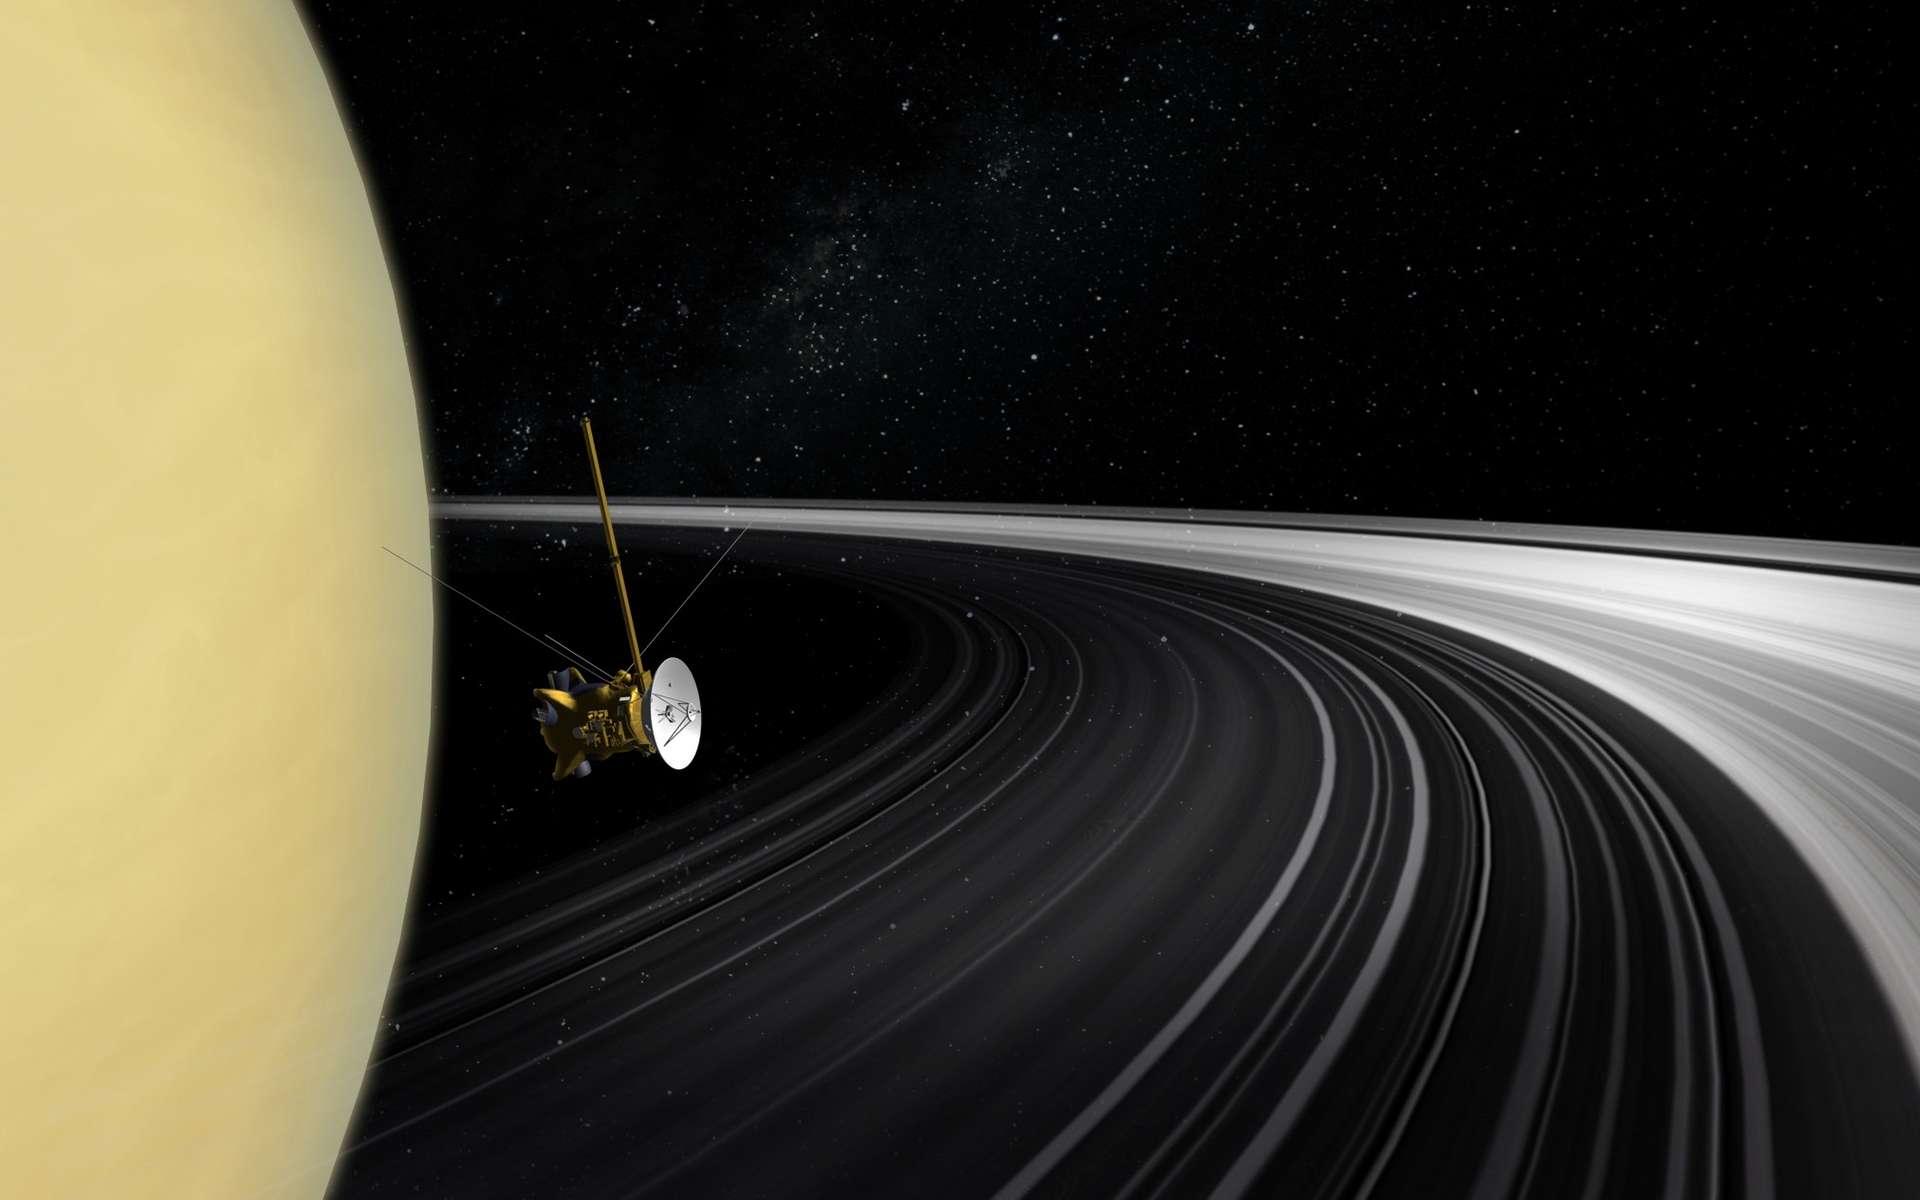 Saturne et ses anneaux vus depuis Cassini en janvier 2007. © Nasa, JPL